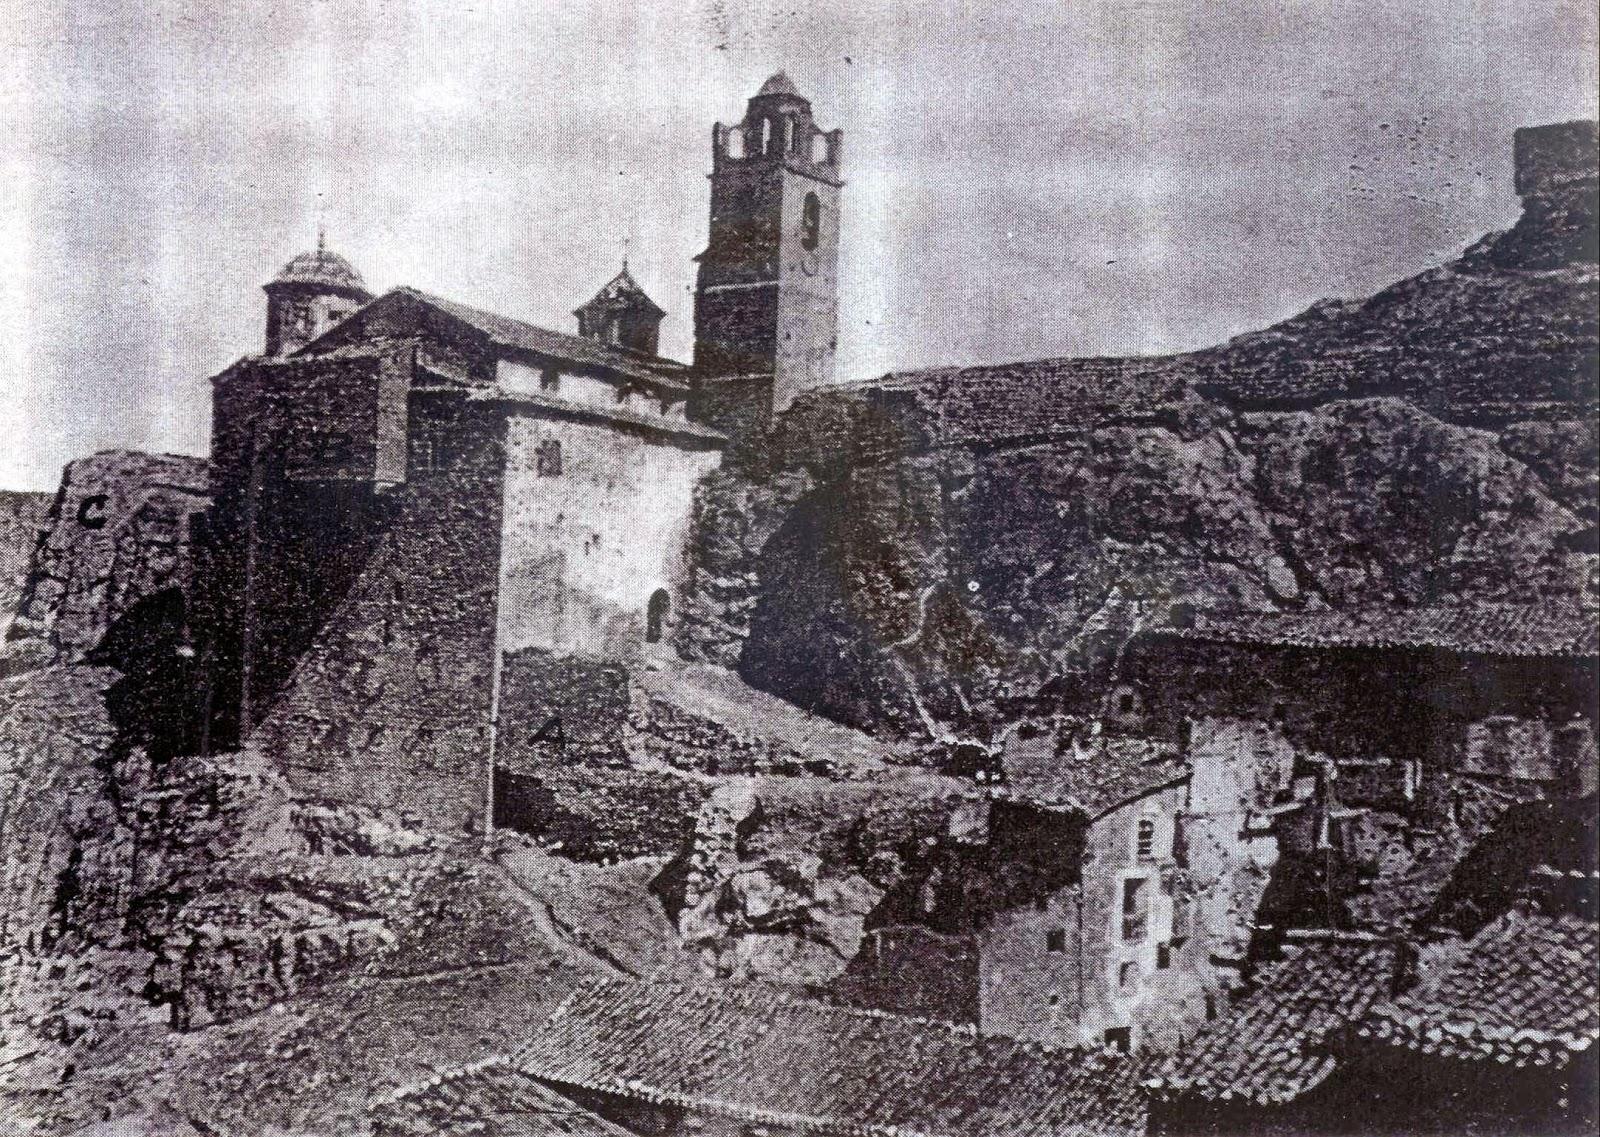 fortaleza-castielfabib-castillo-vista-iglesia